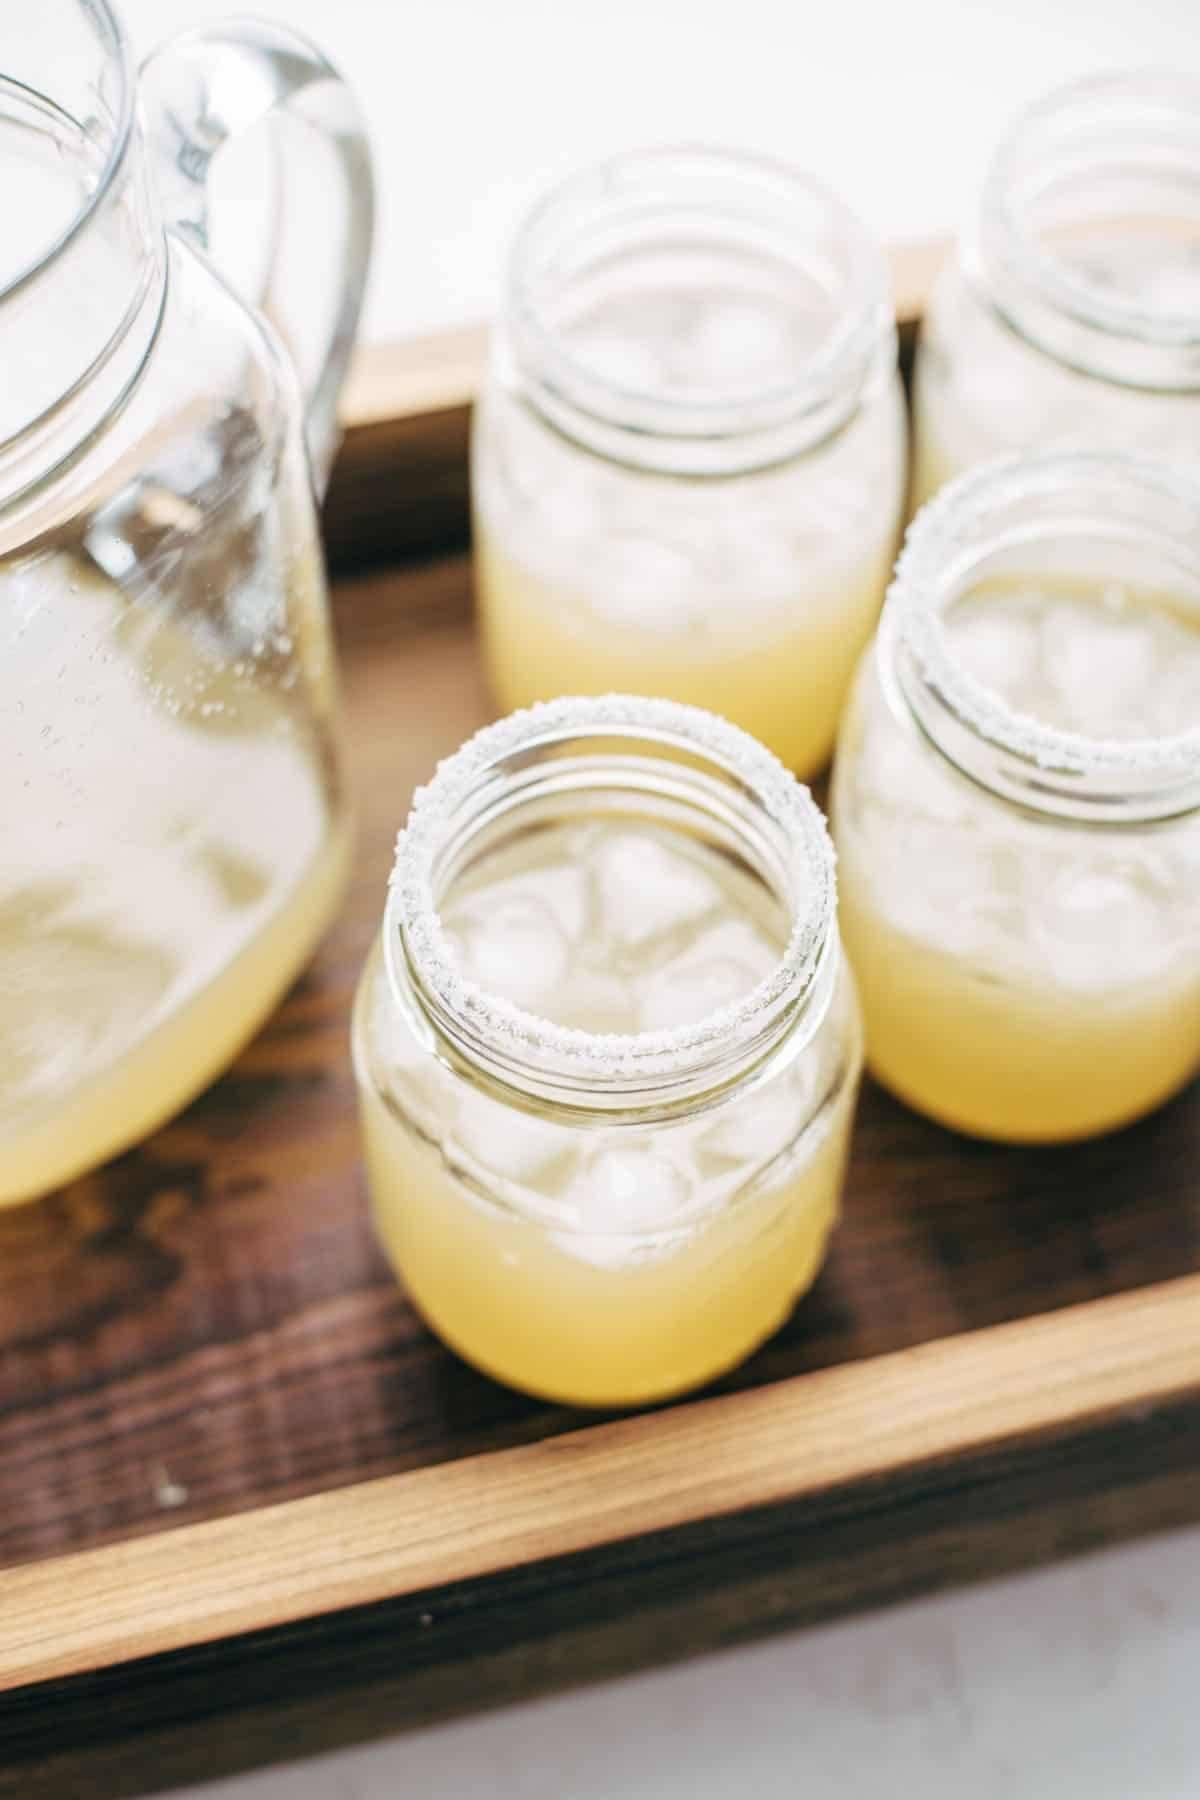 Margaritas in jars.